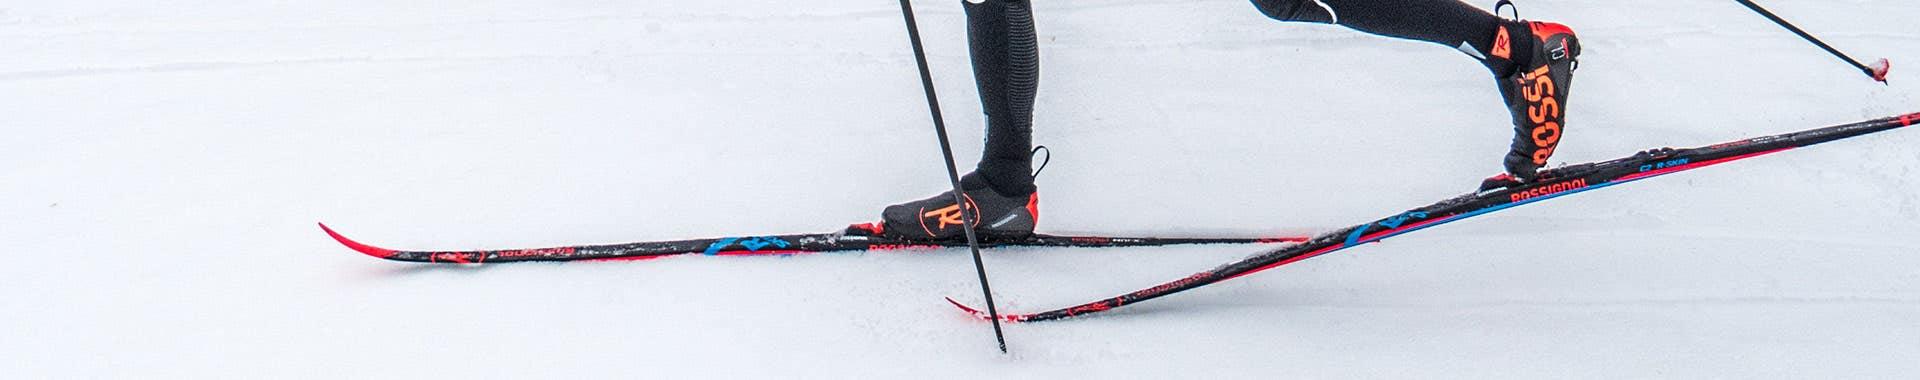 Klassiske ski